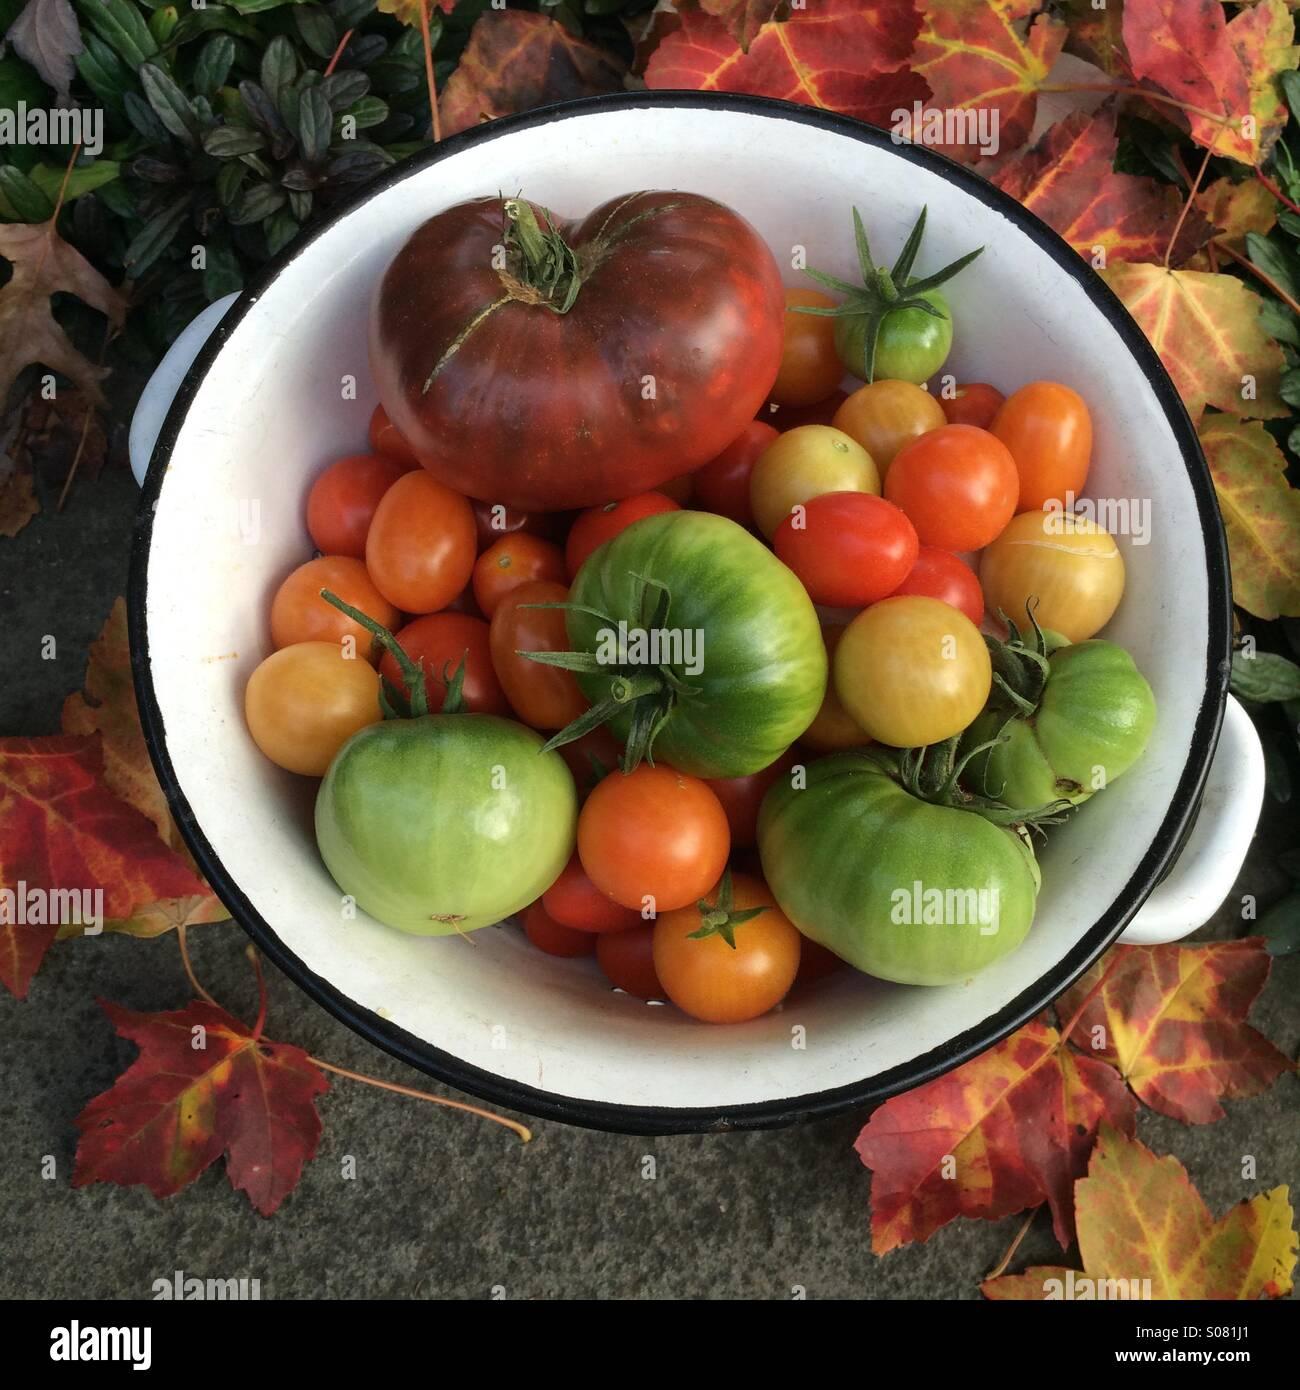 Last harvest of the season. Organic. Heirloom. Homegrown. Tomatoes. - Stock Image